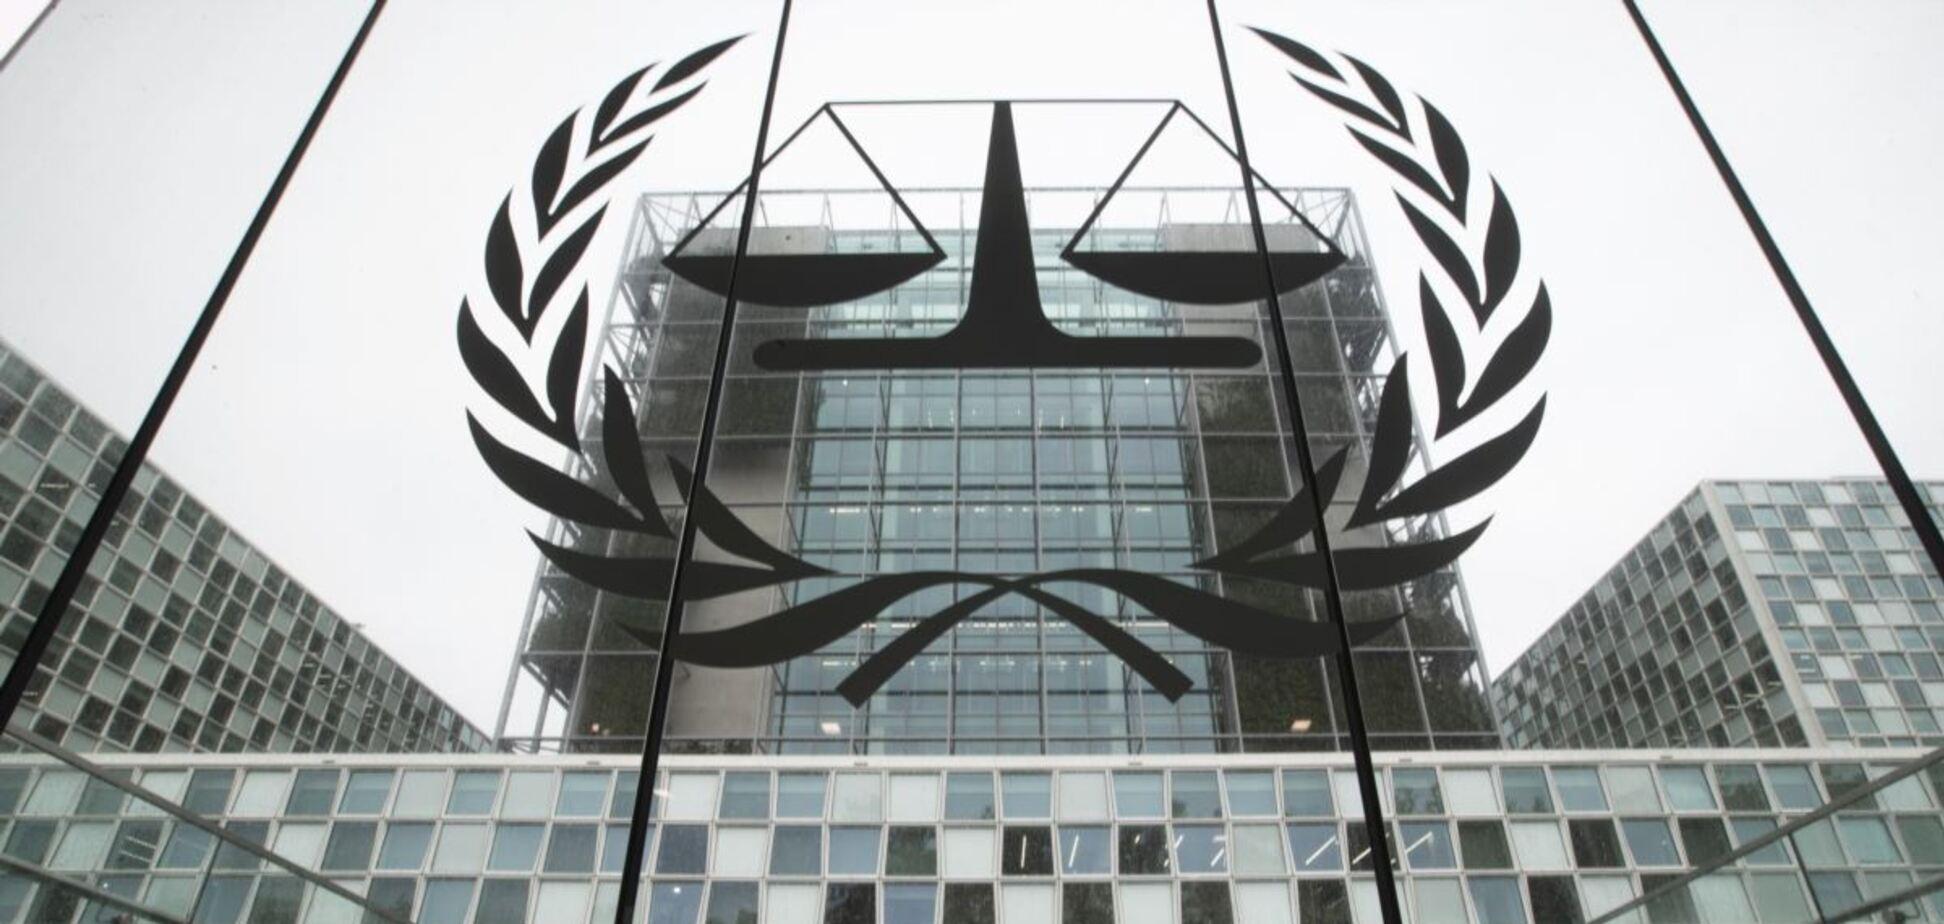 Міжнародний кримінальний суд судитиме майданівців та захисників України?